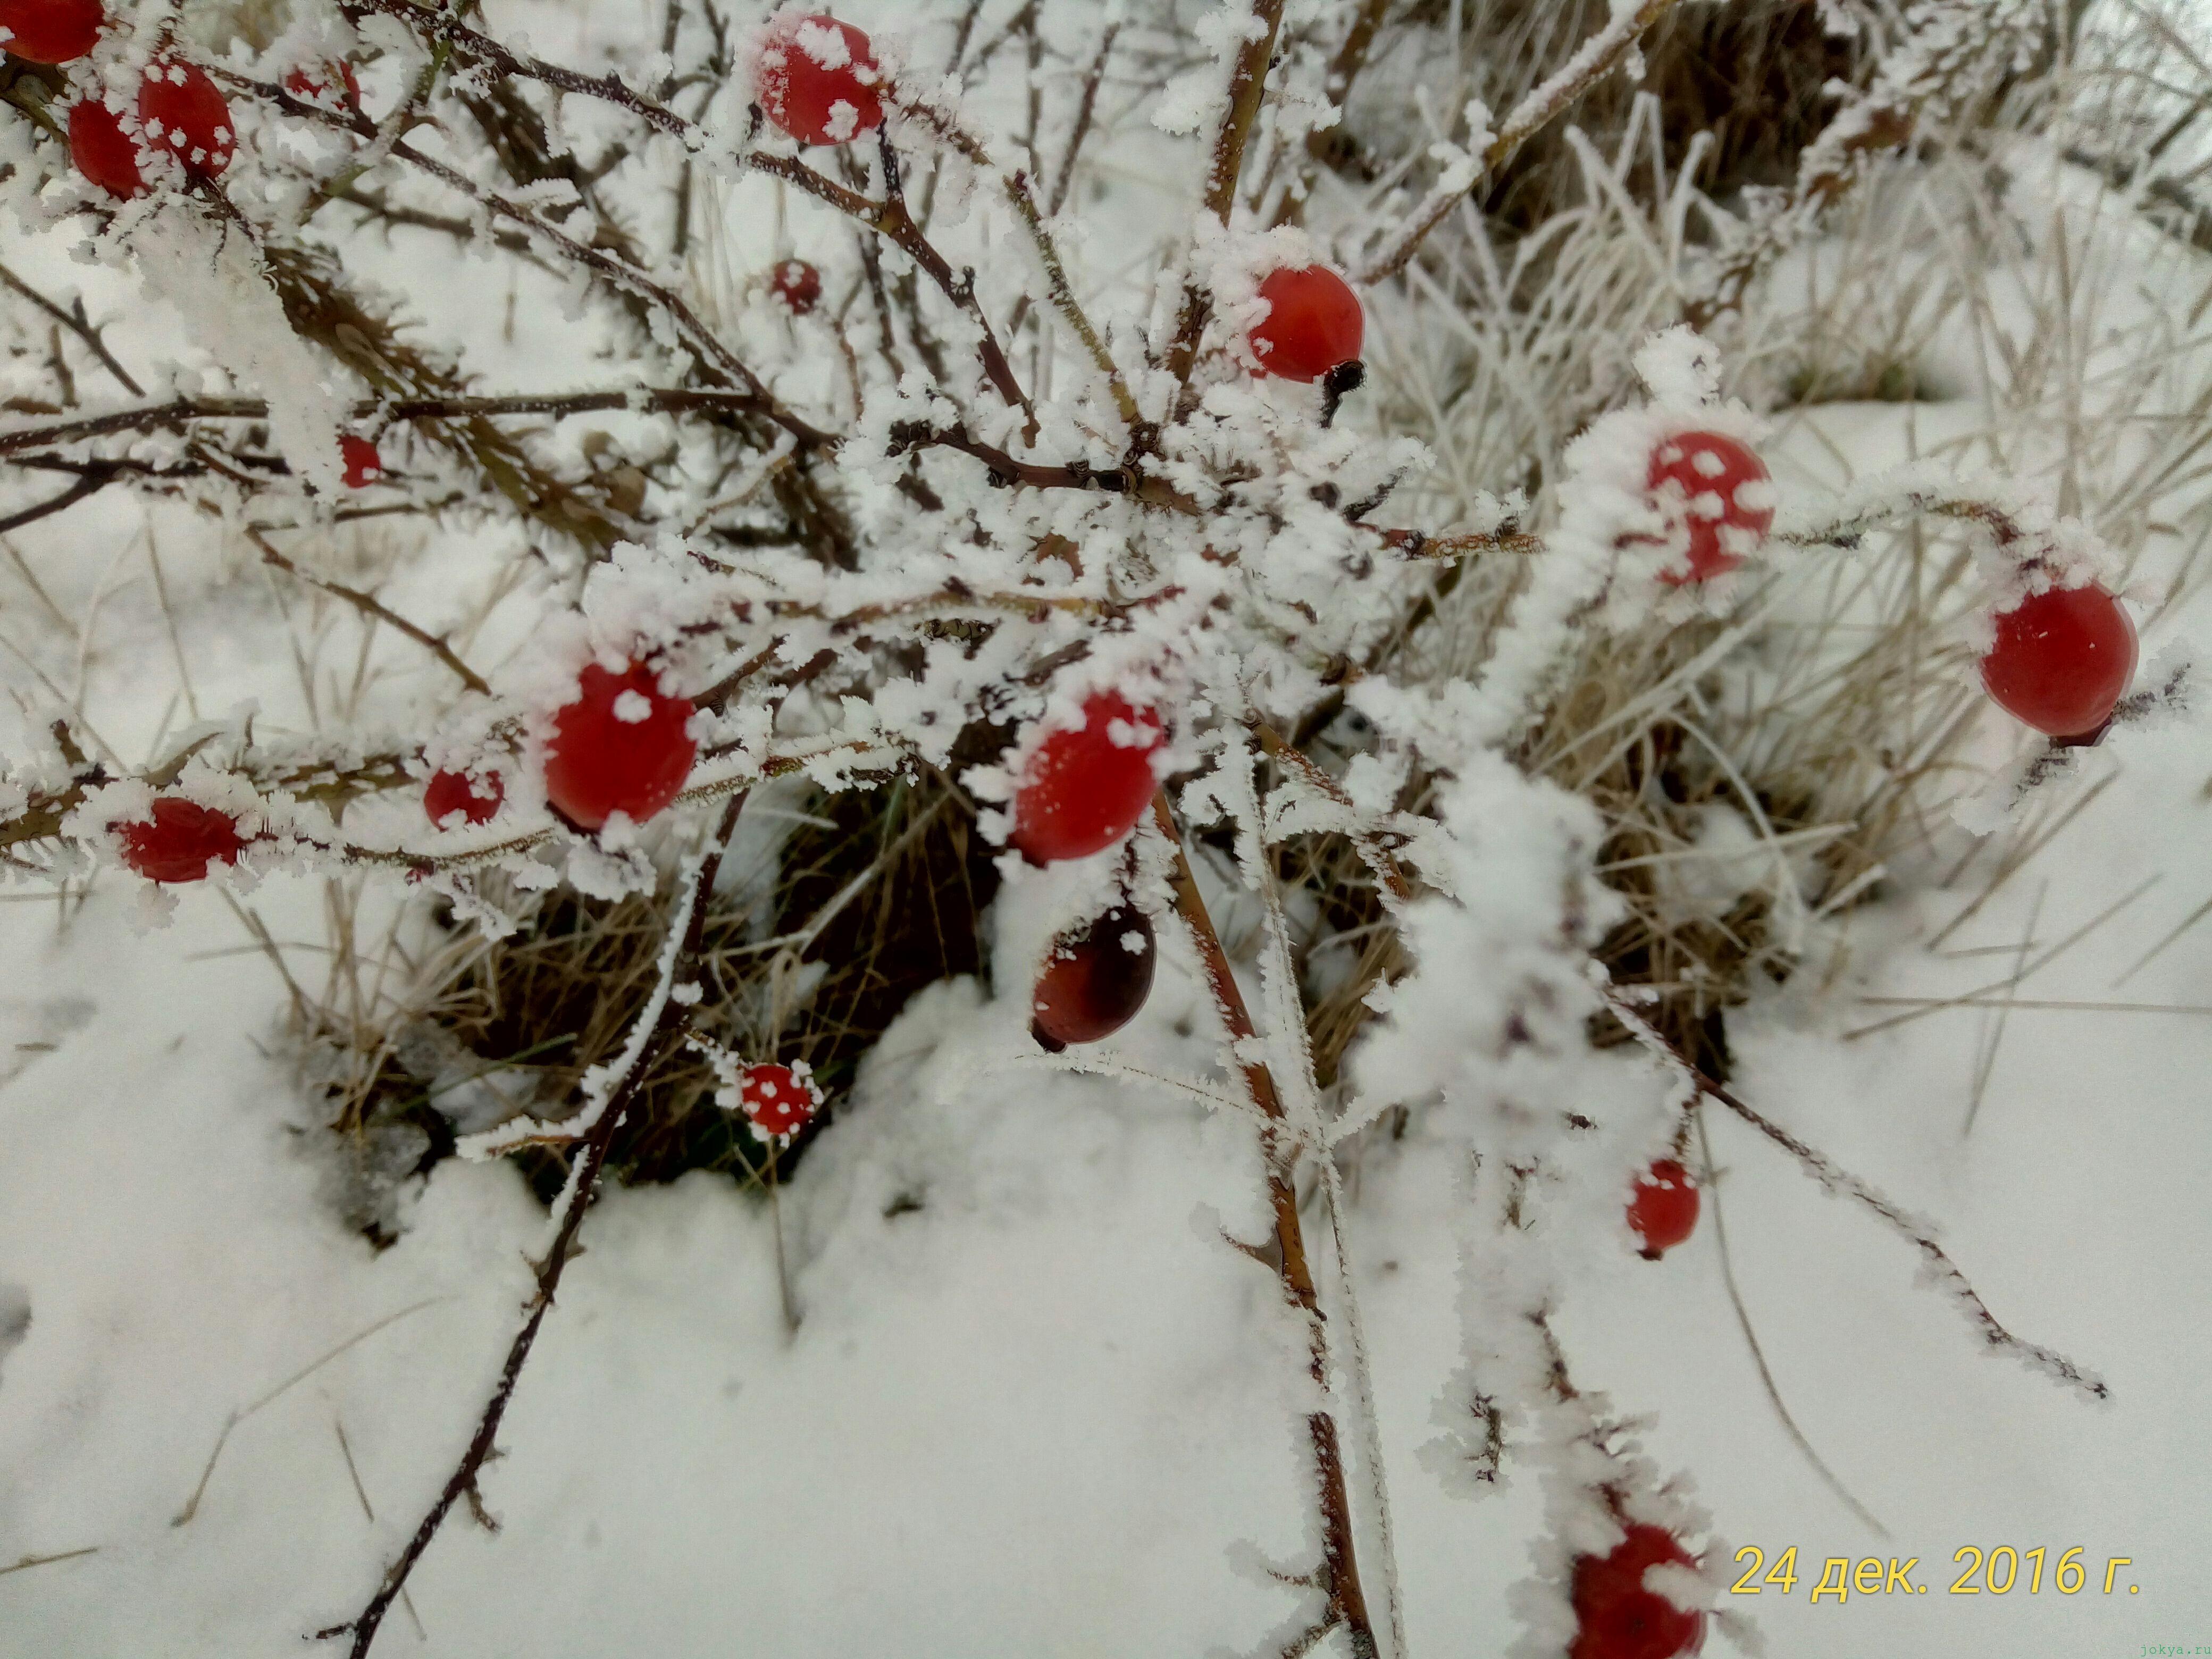 Прогулка по местности без цели по снегу: фото заметка о реальности в Крыму jokya.ru